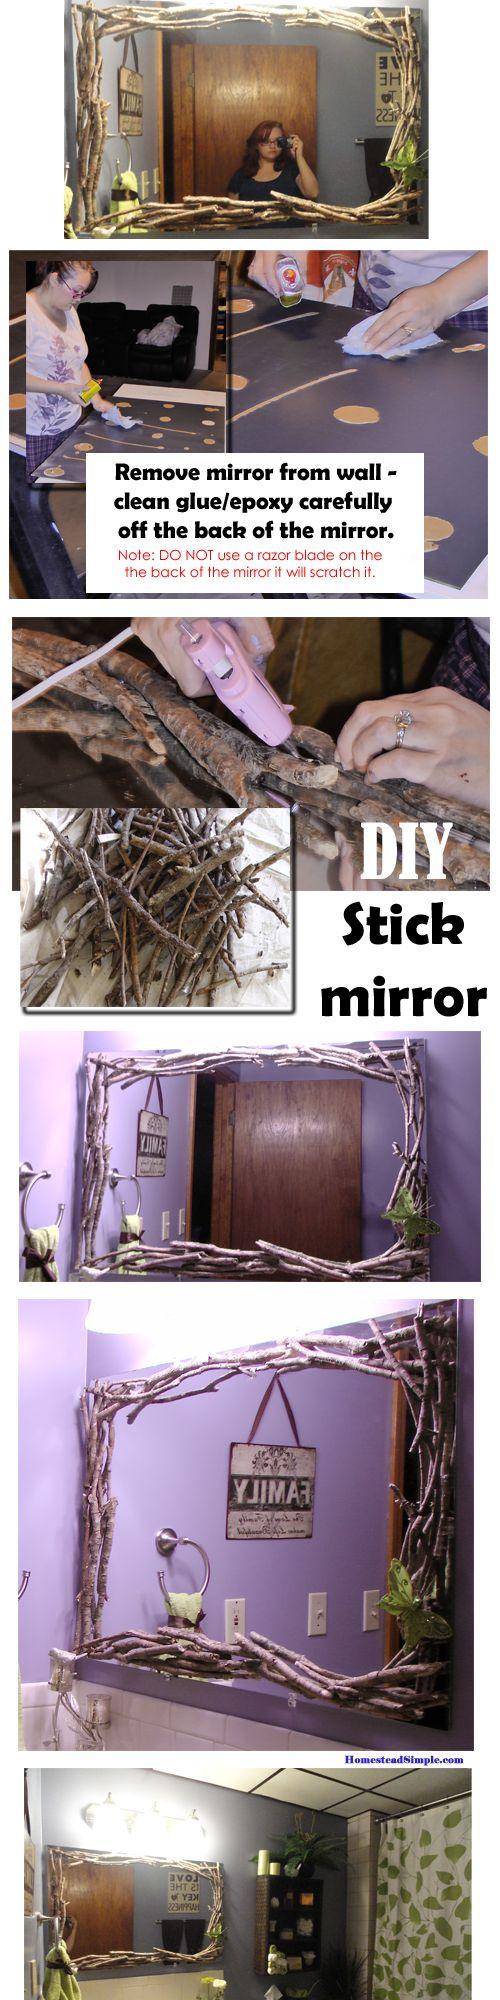 DIY stick twig mirror frame - bathroom home decor